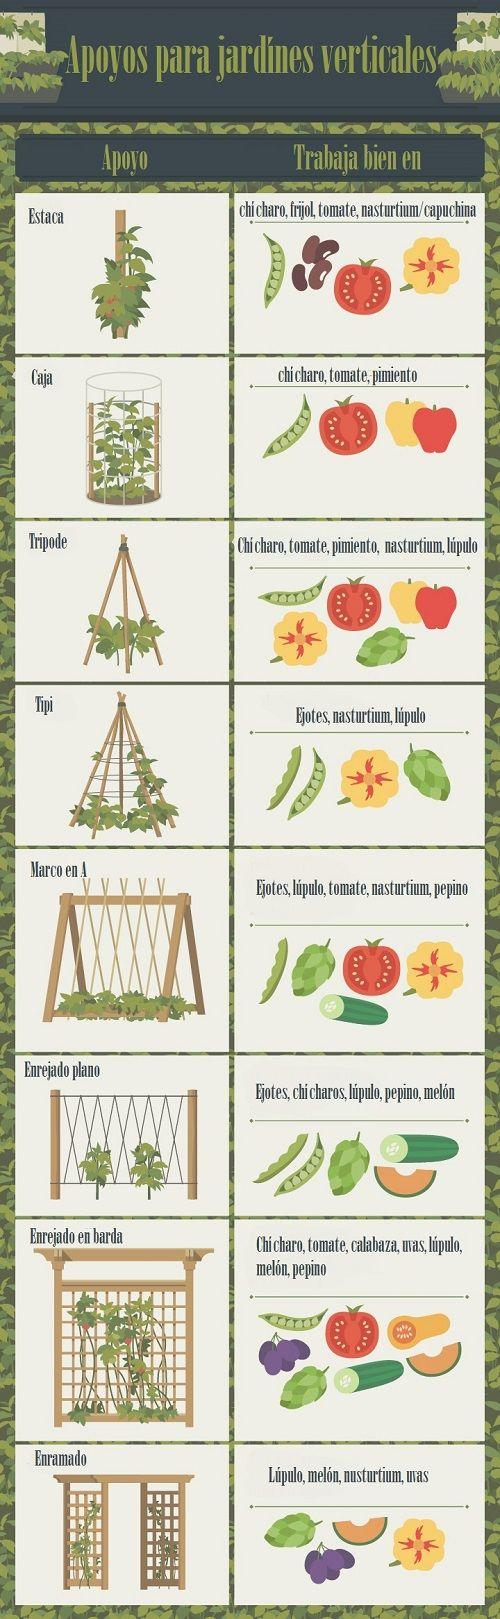 Apoyo para jardines Verticales